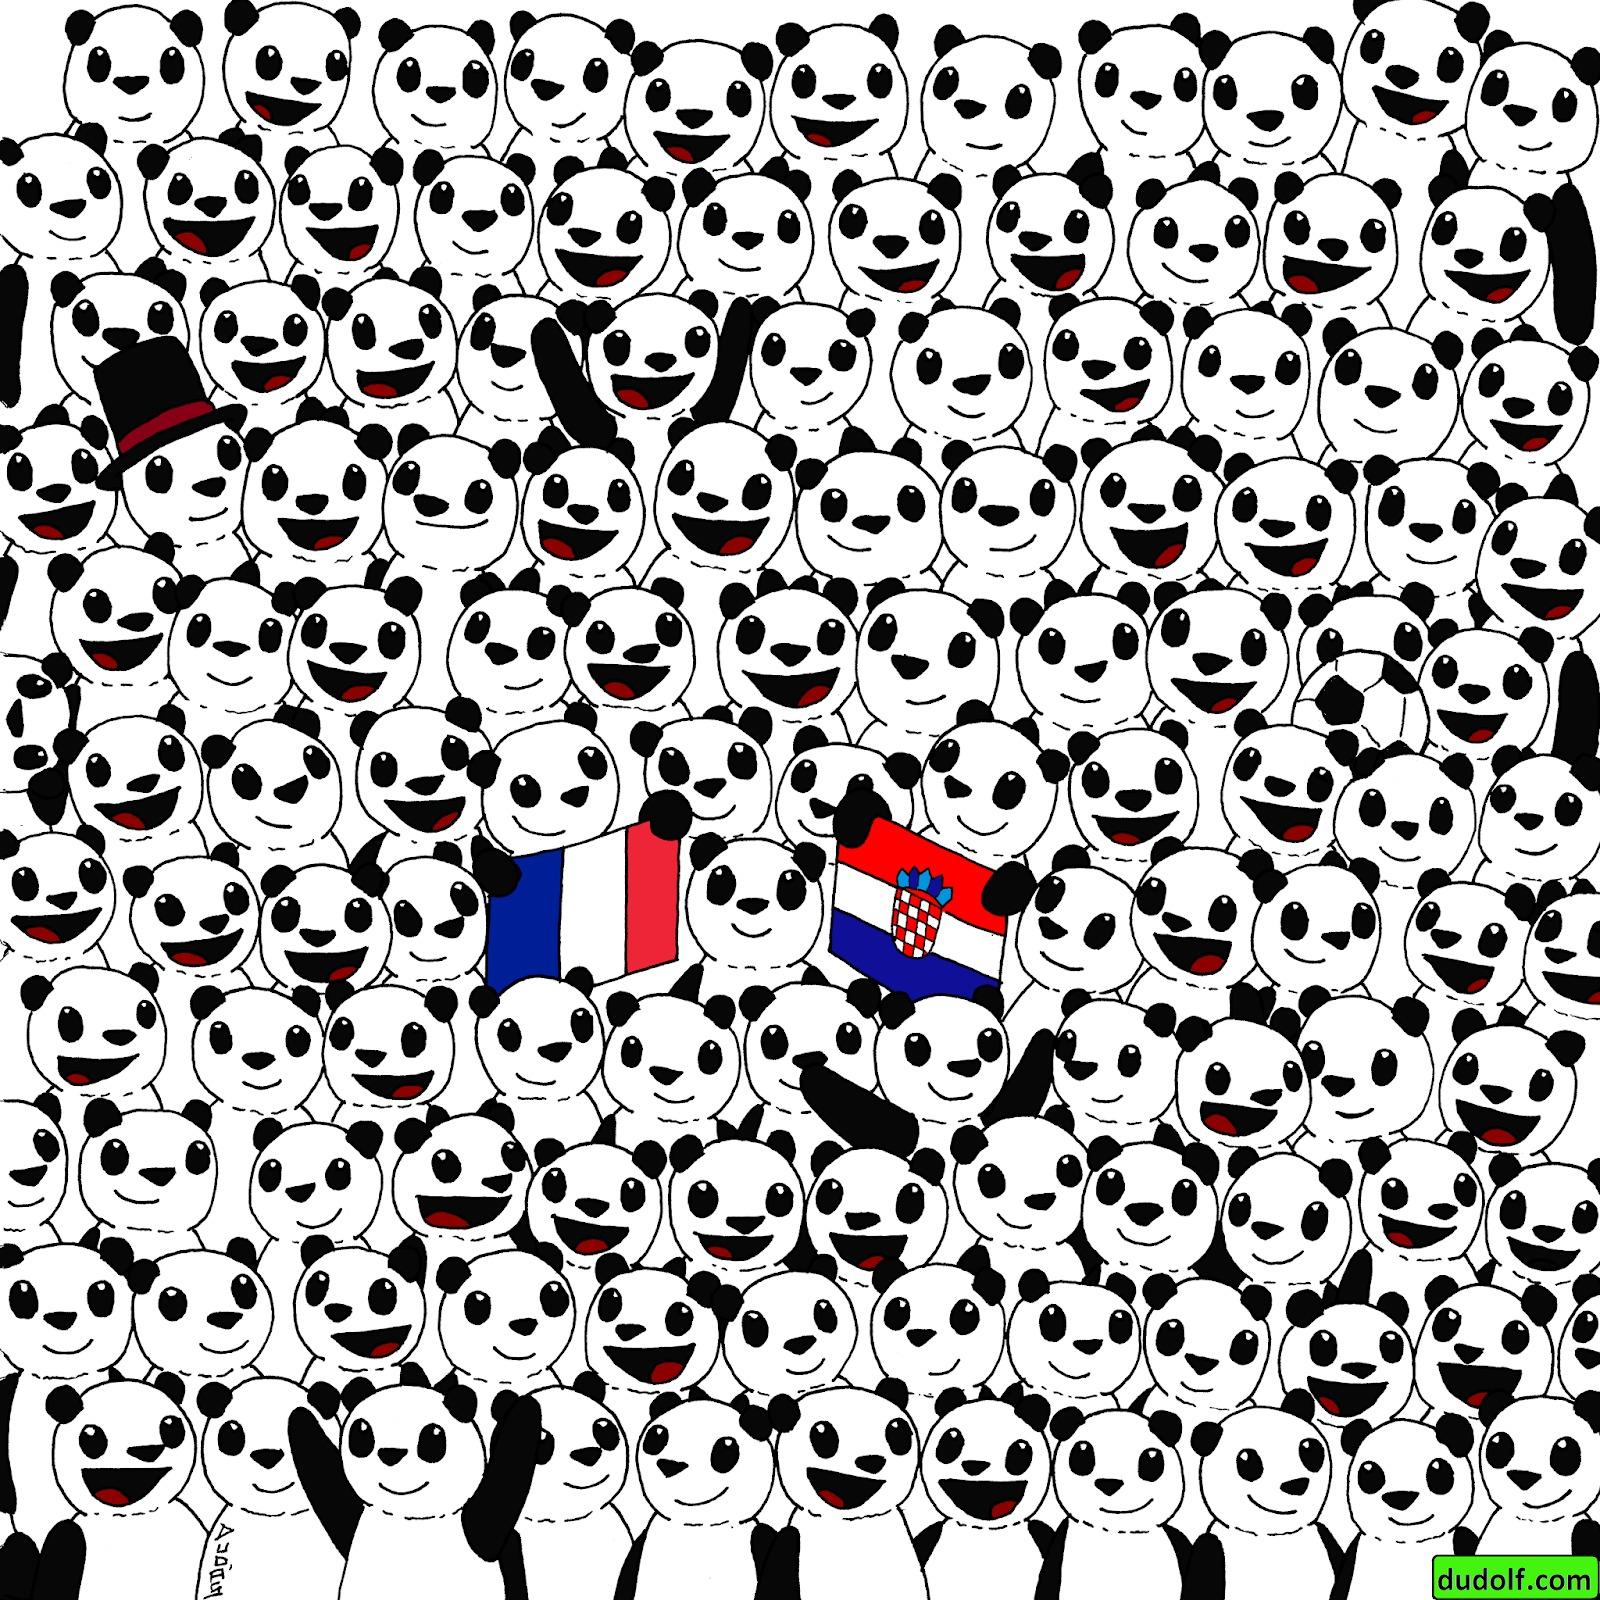 Nueva imagen viral te reta a buscar una paleta en medio de una horda de helados, ¿podrás encontrarla?